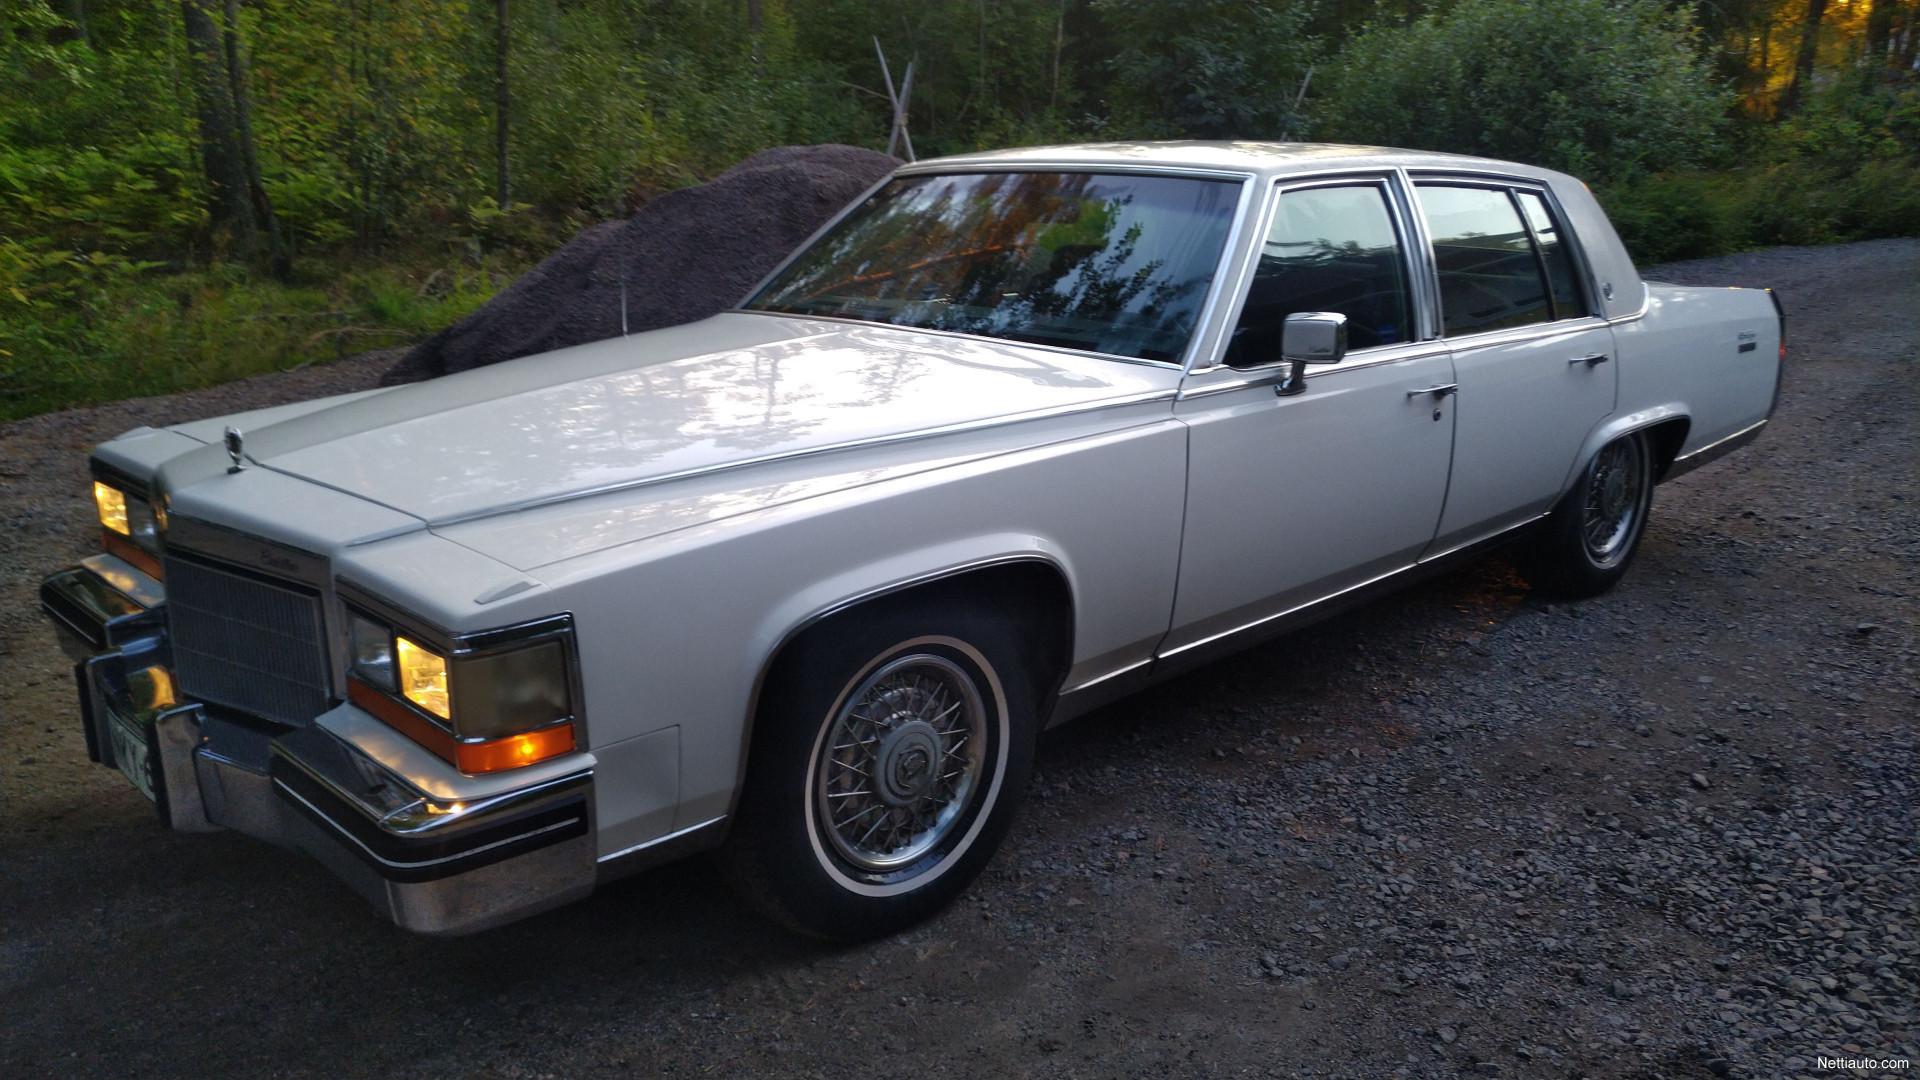 Cadillac Fleetwood Juuri Leimattu Vaihto Sedan 1982 Used Vehicle 1951 Previous Next